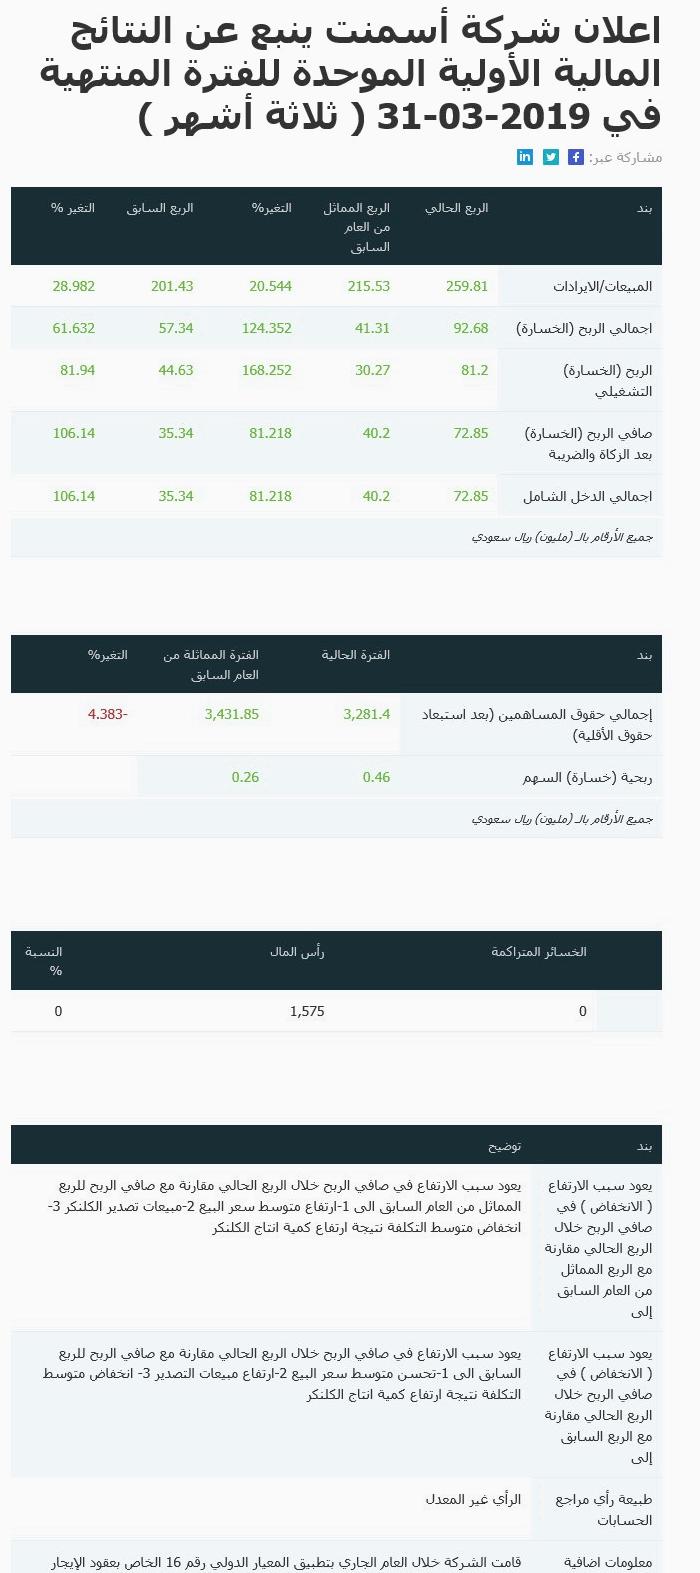 اعلان اسمنت ينبع نتائج الربع الاول لعام 2019